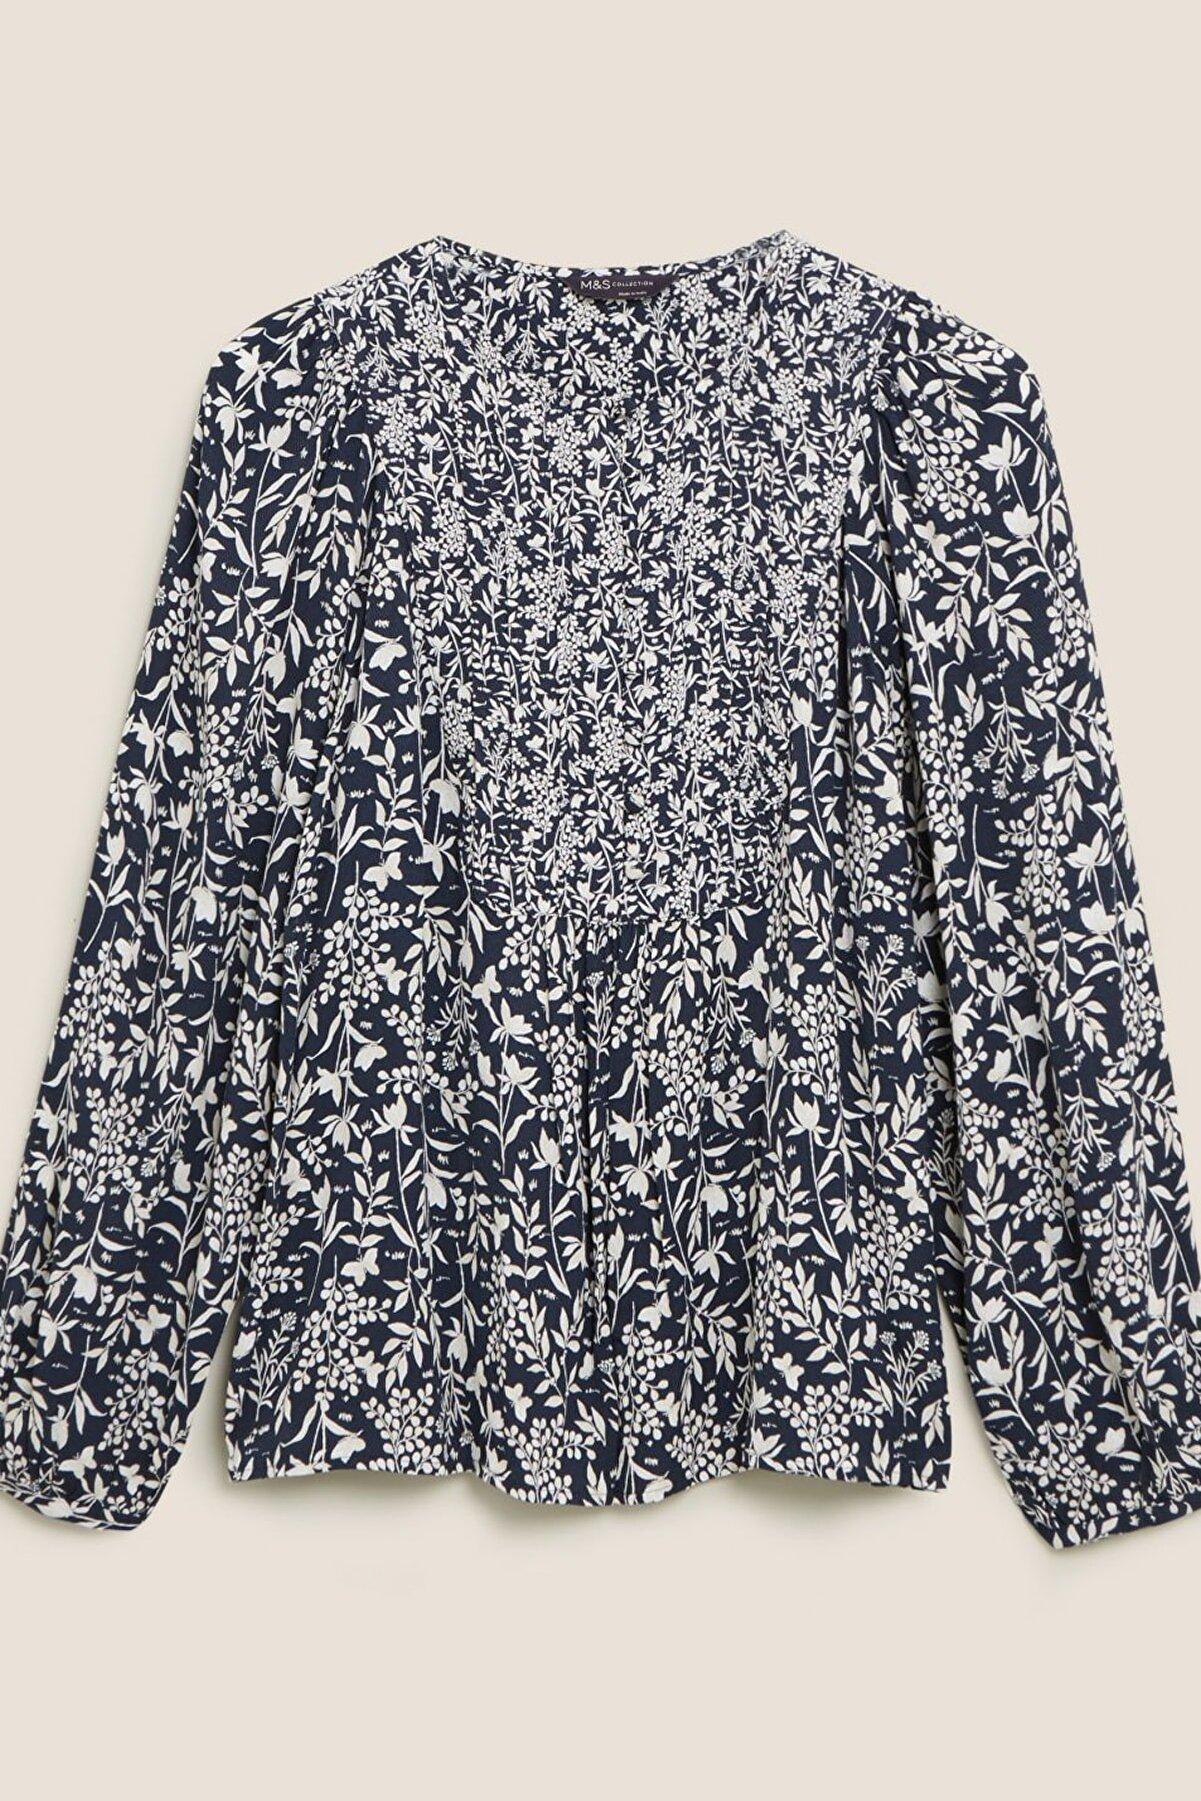 Marks & Spencer Kadın Lacivert Çiçek Desenli Uzun Kollu Bluz T43003808